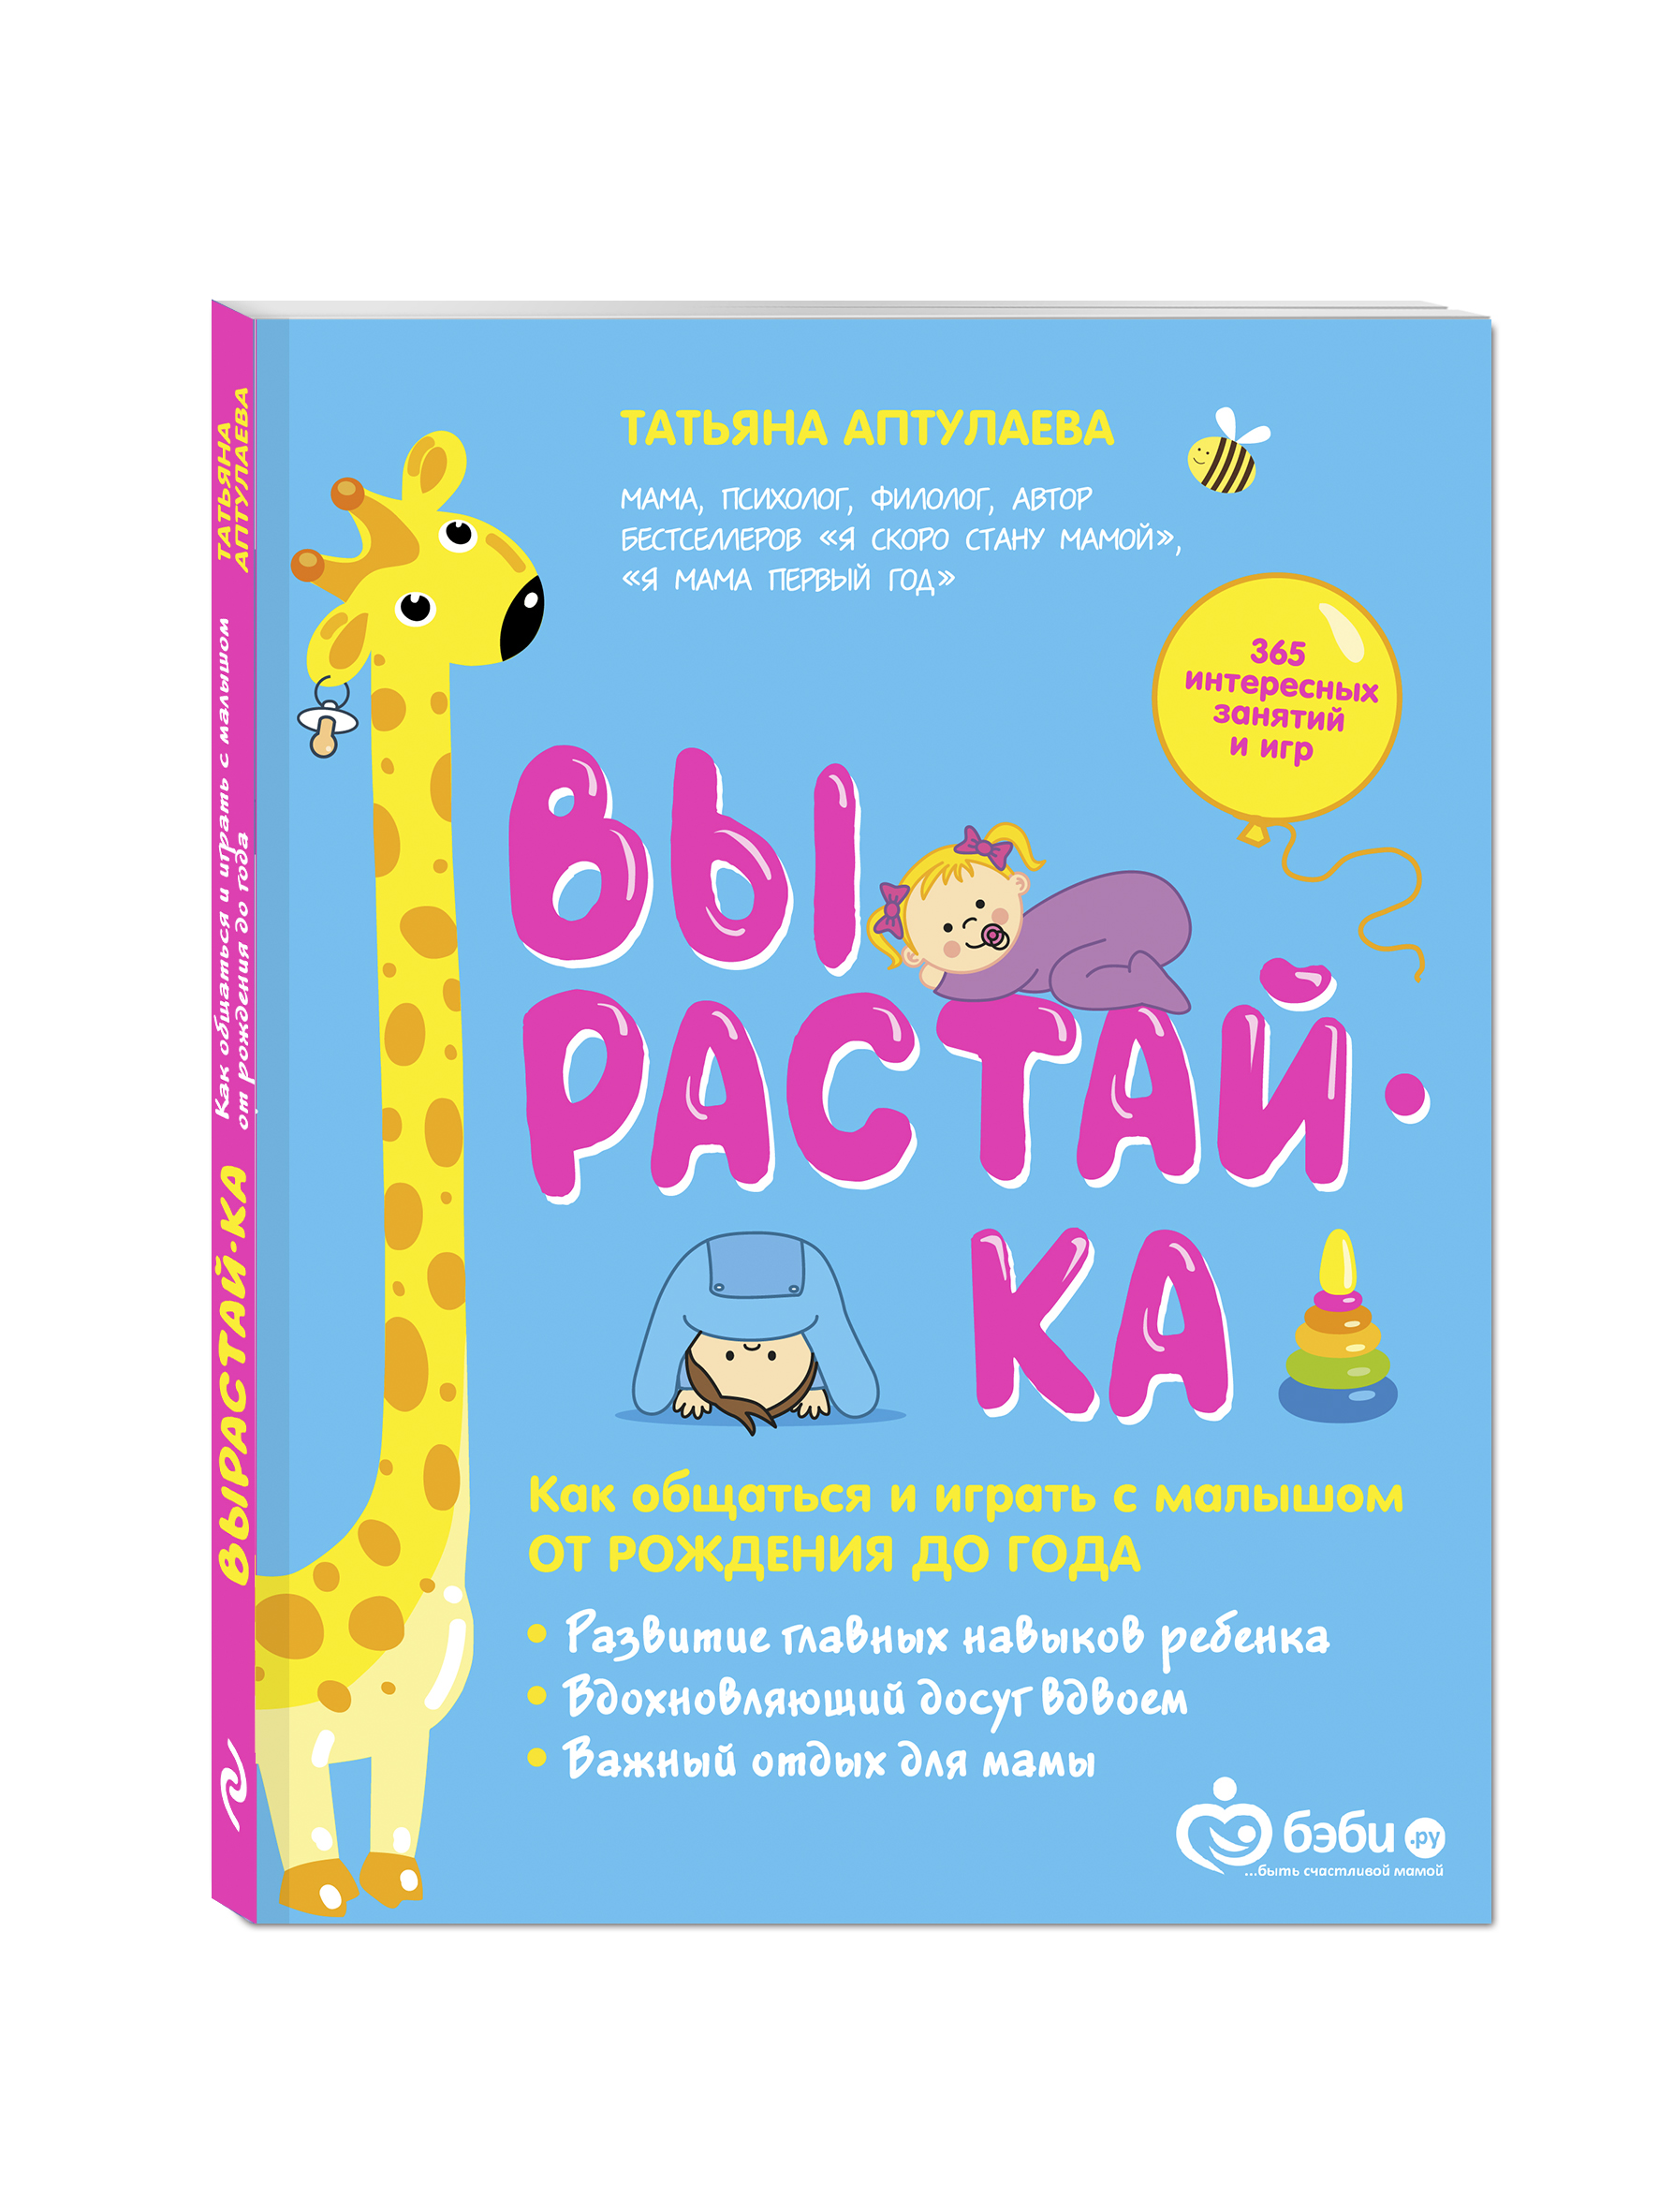 Вырастай-ка. Как общаться и играть с малышом от рождения до года ( Аптулаева Т.Г.  )